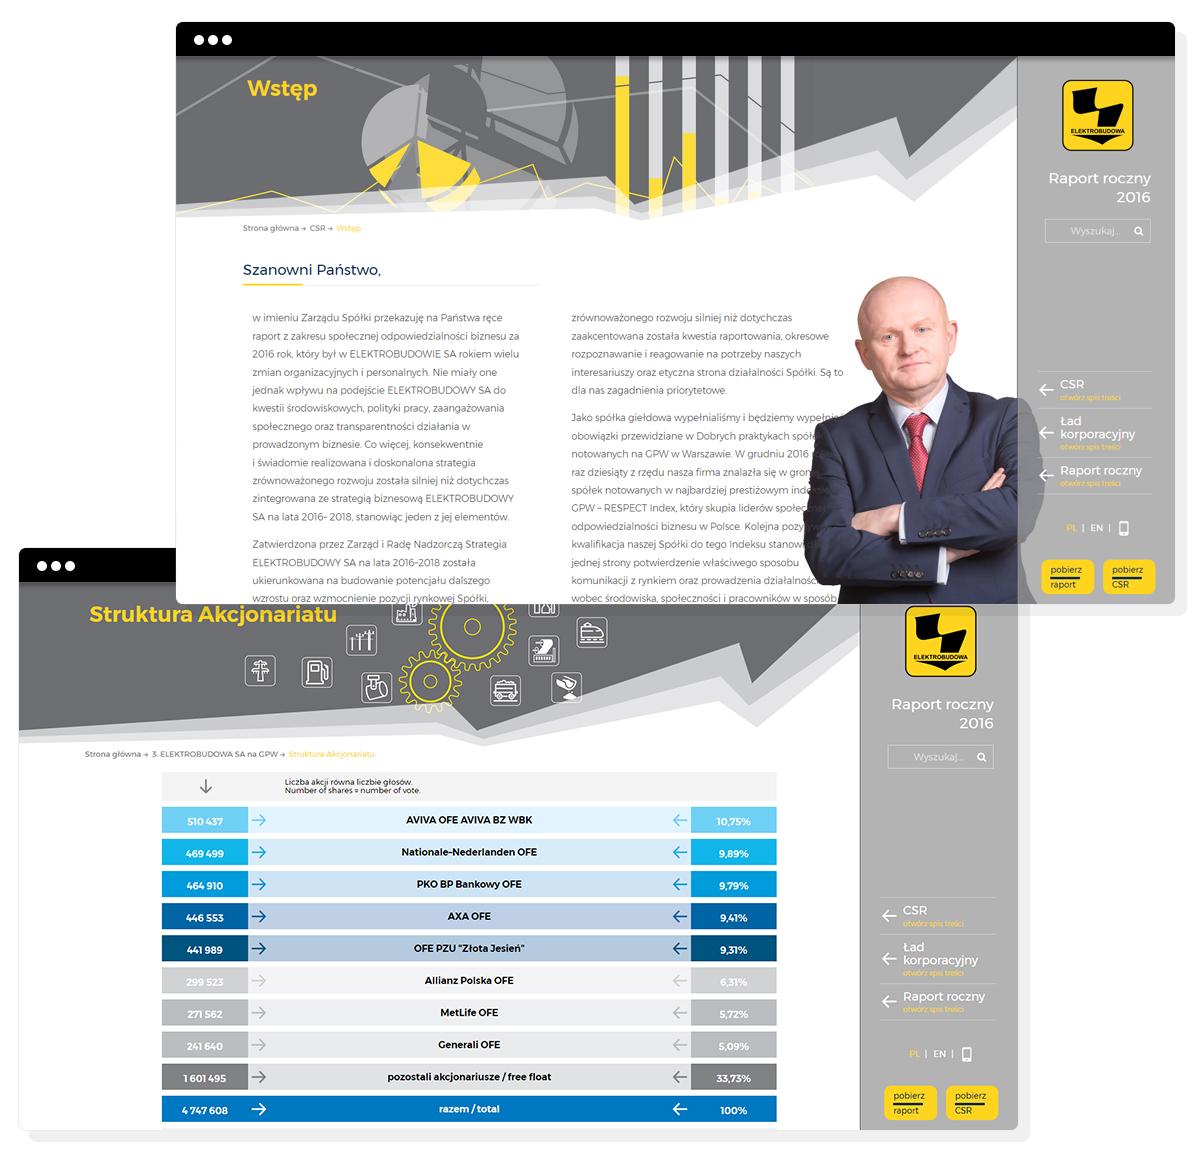 raport giełdowy online - zintegrowany projekt 1